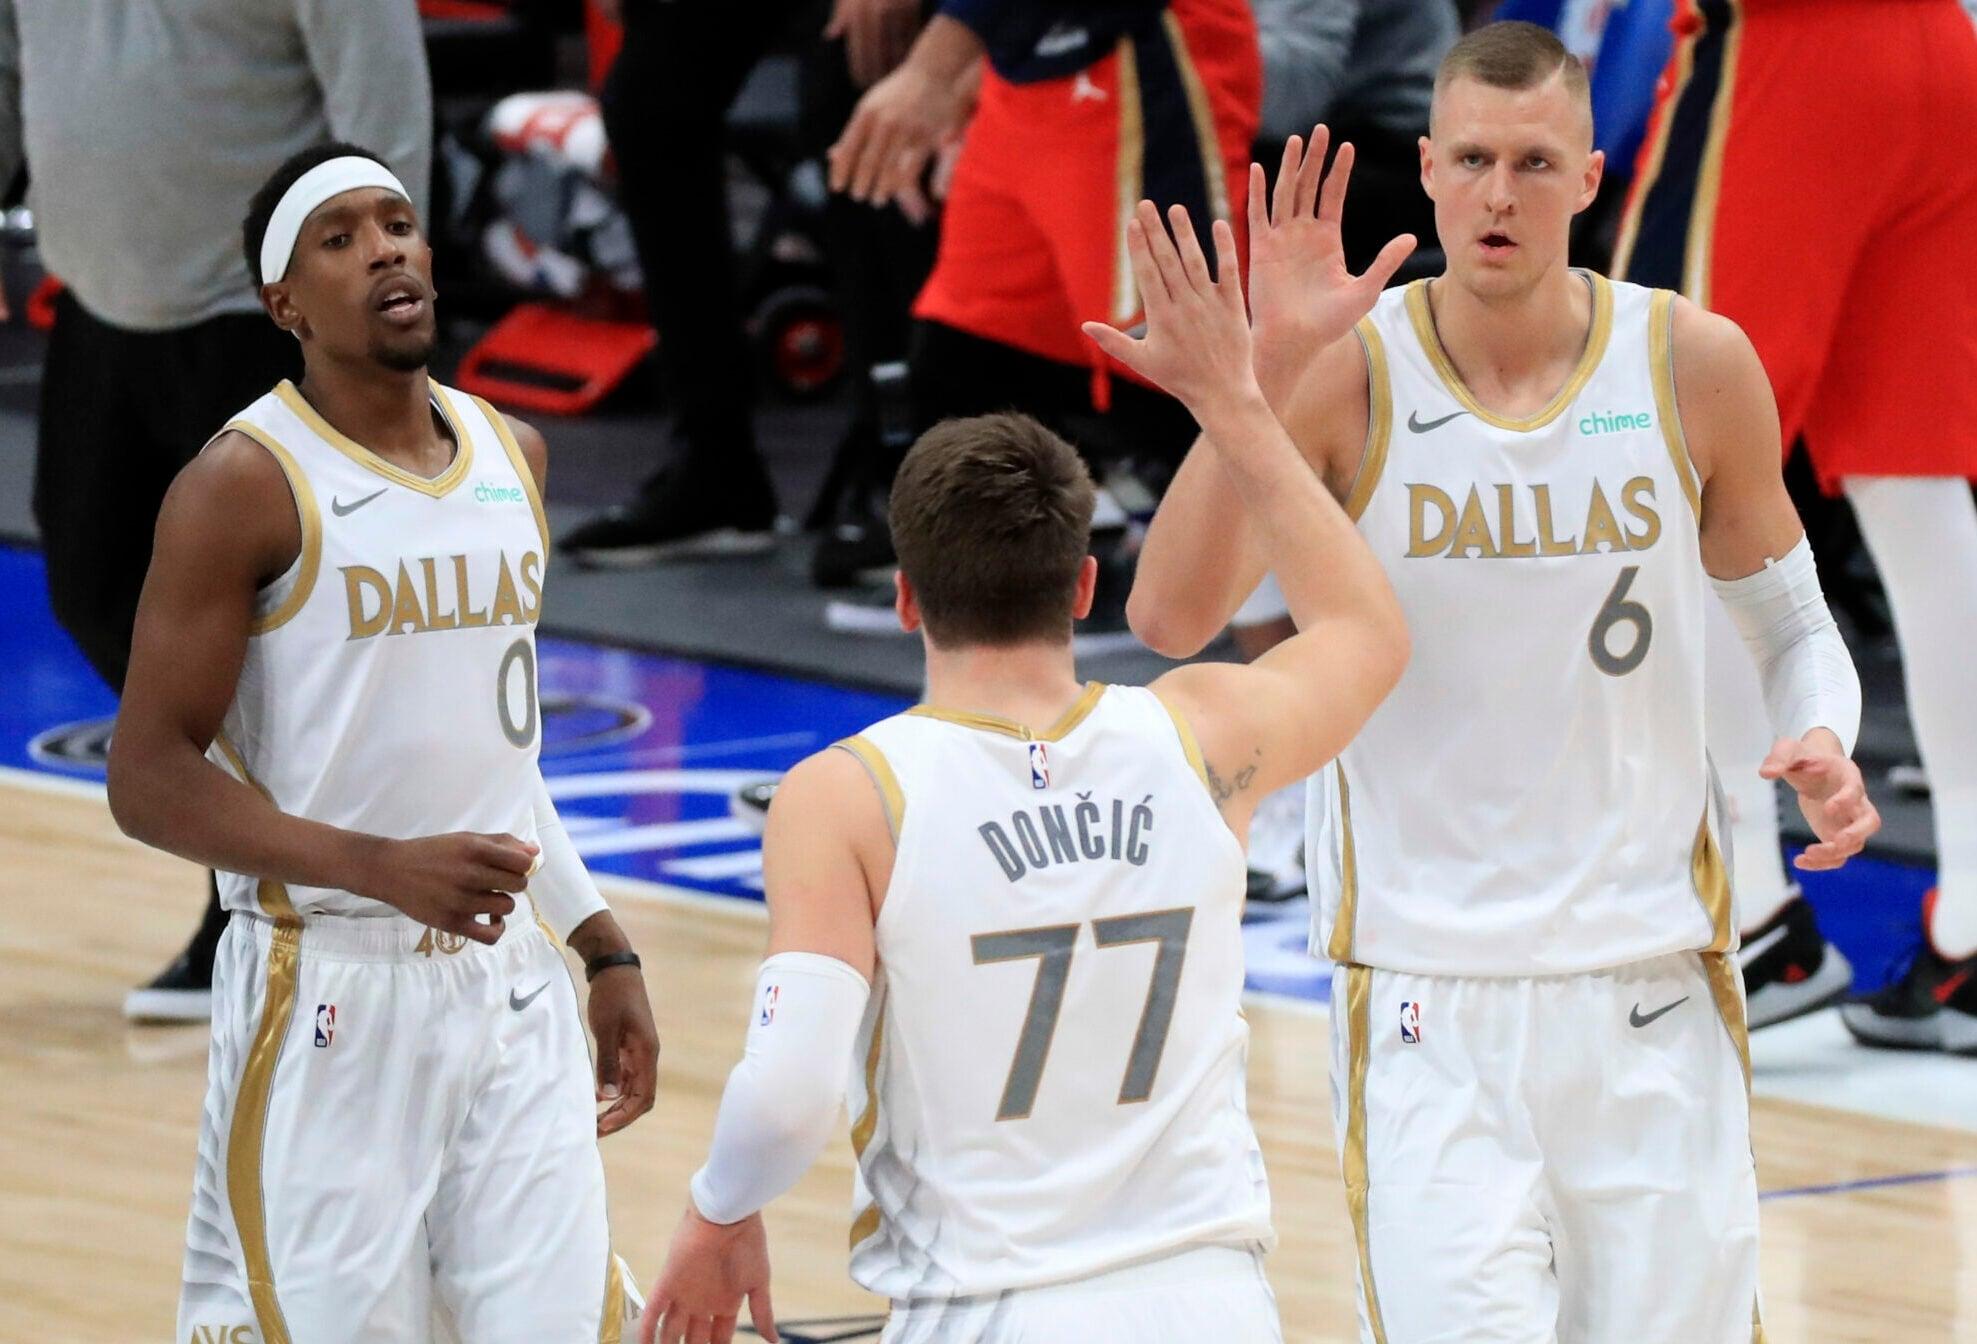 2021 Midseason report: Dallas Mavericks